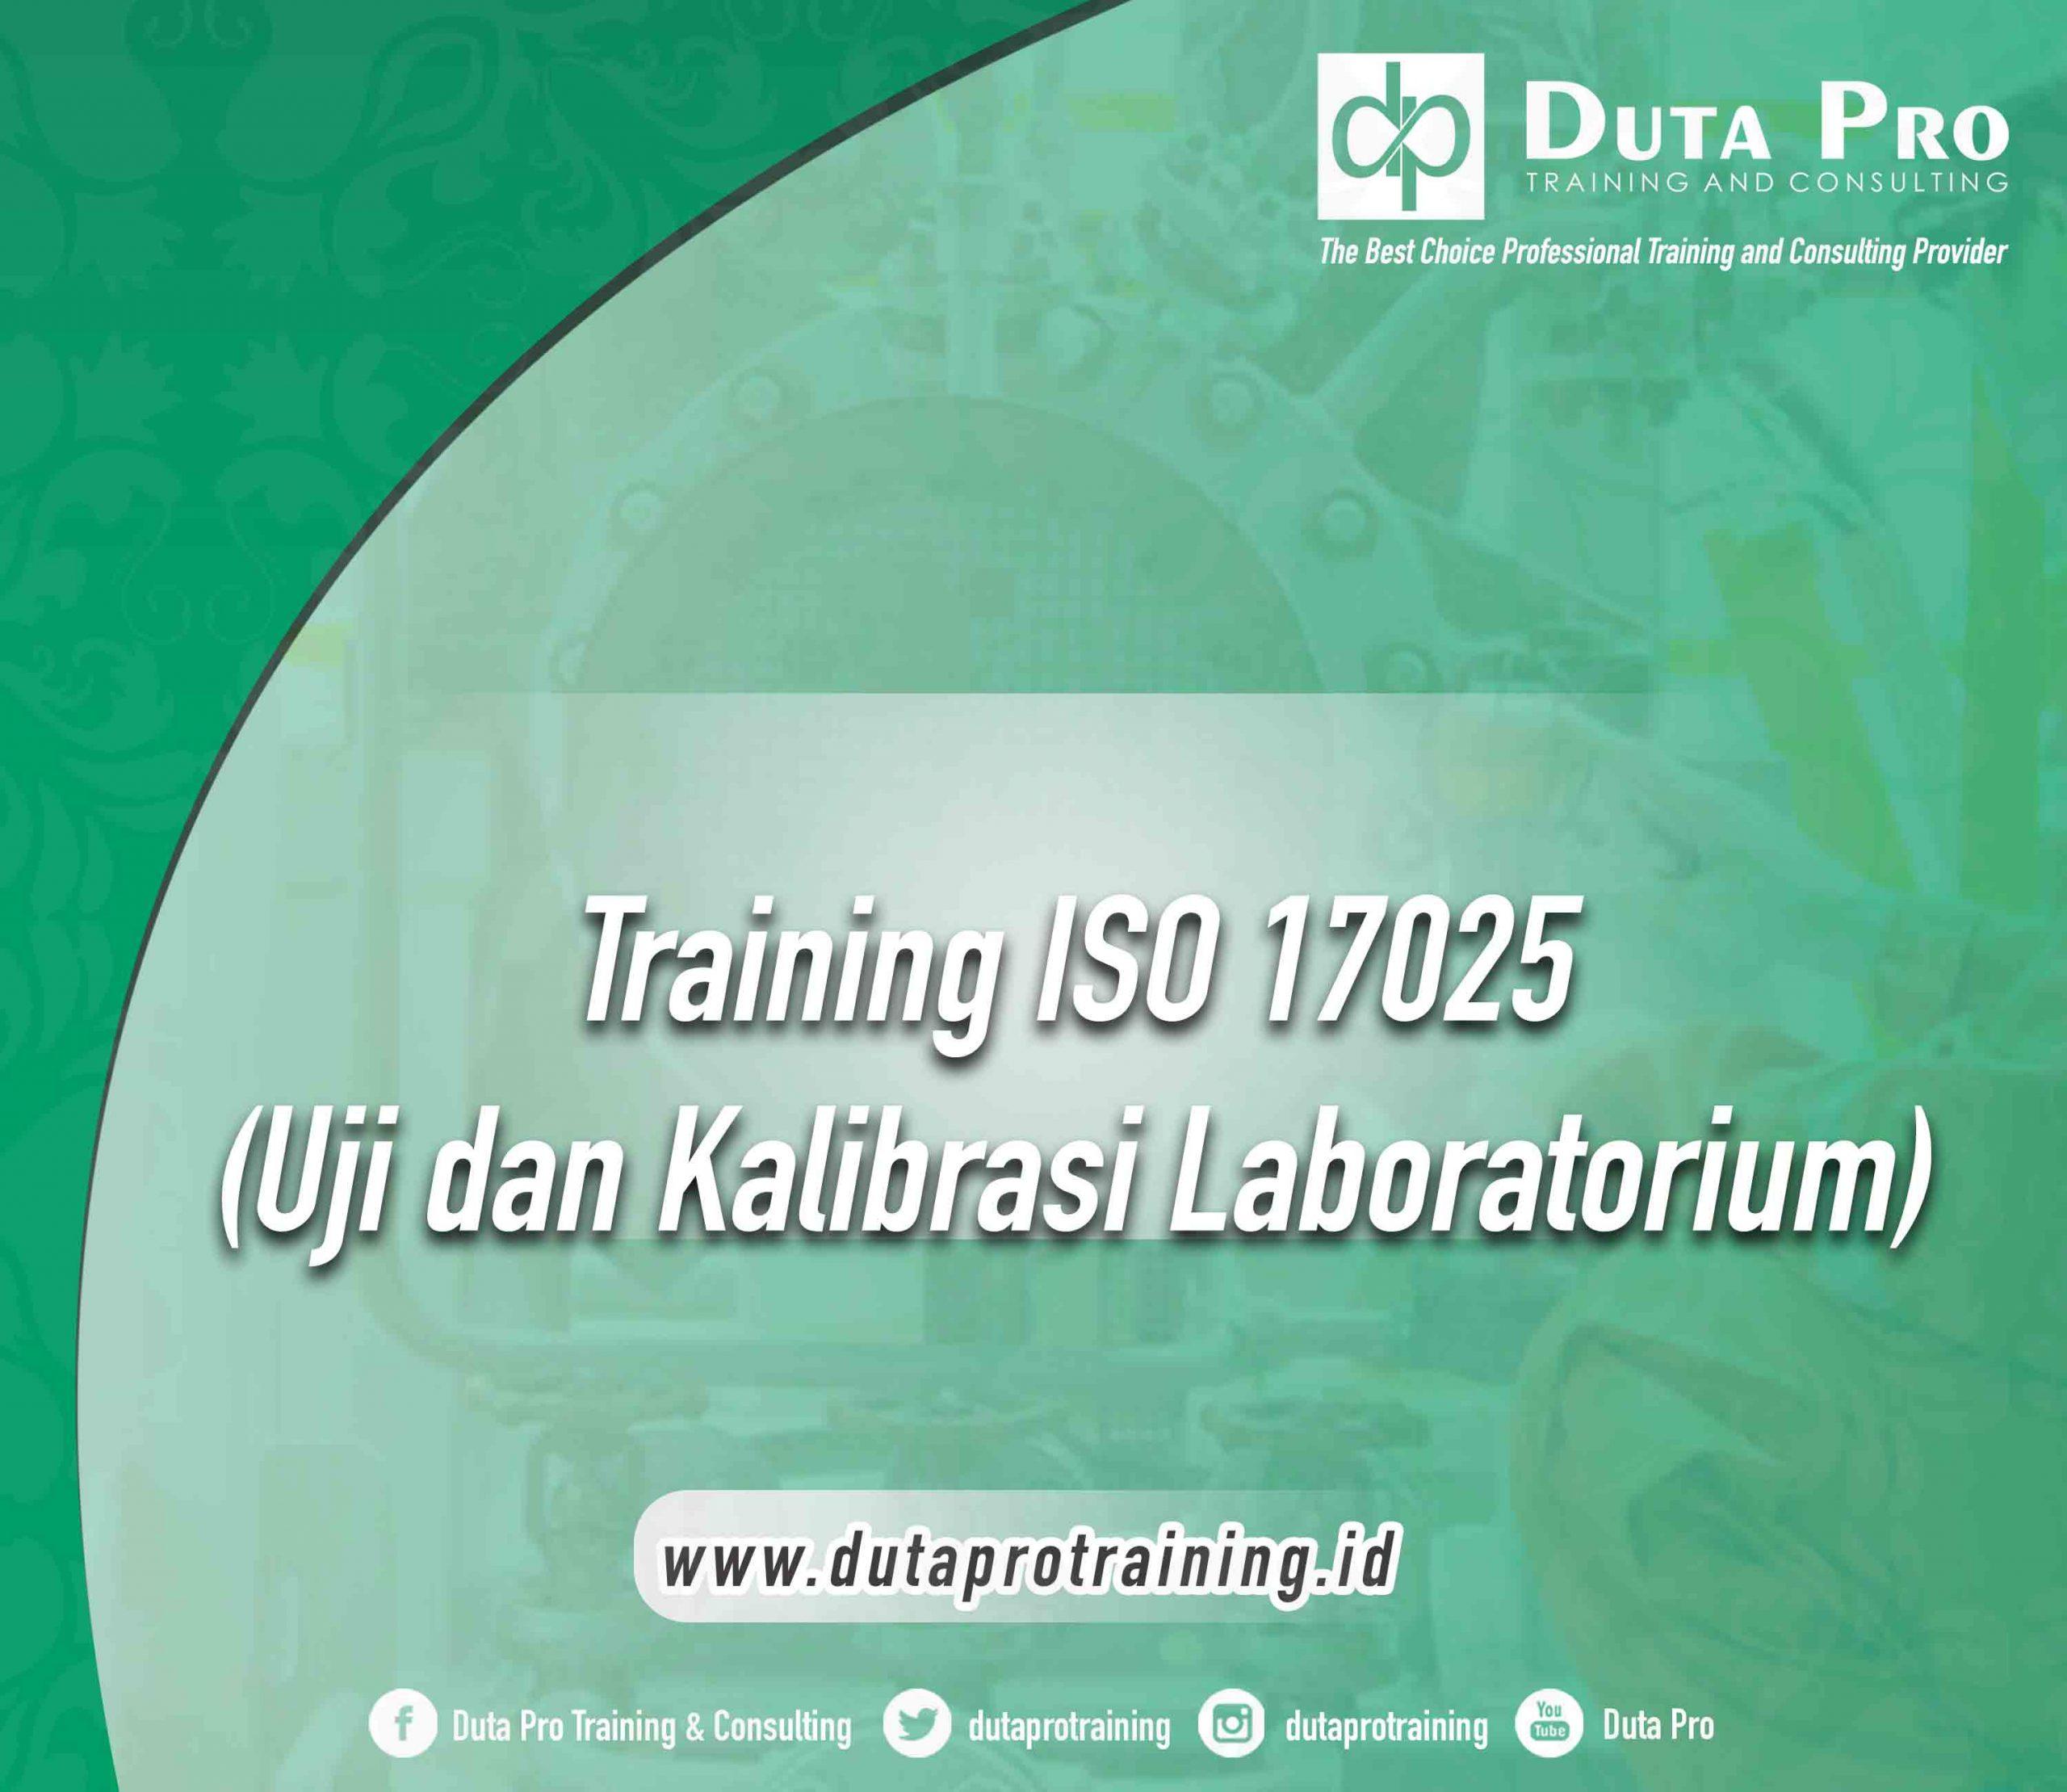 Training ISO 17025 : Uji dan Kalibrasi Laboratorium